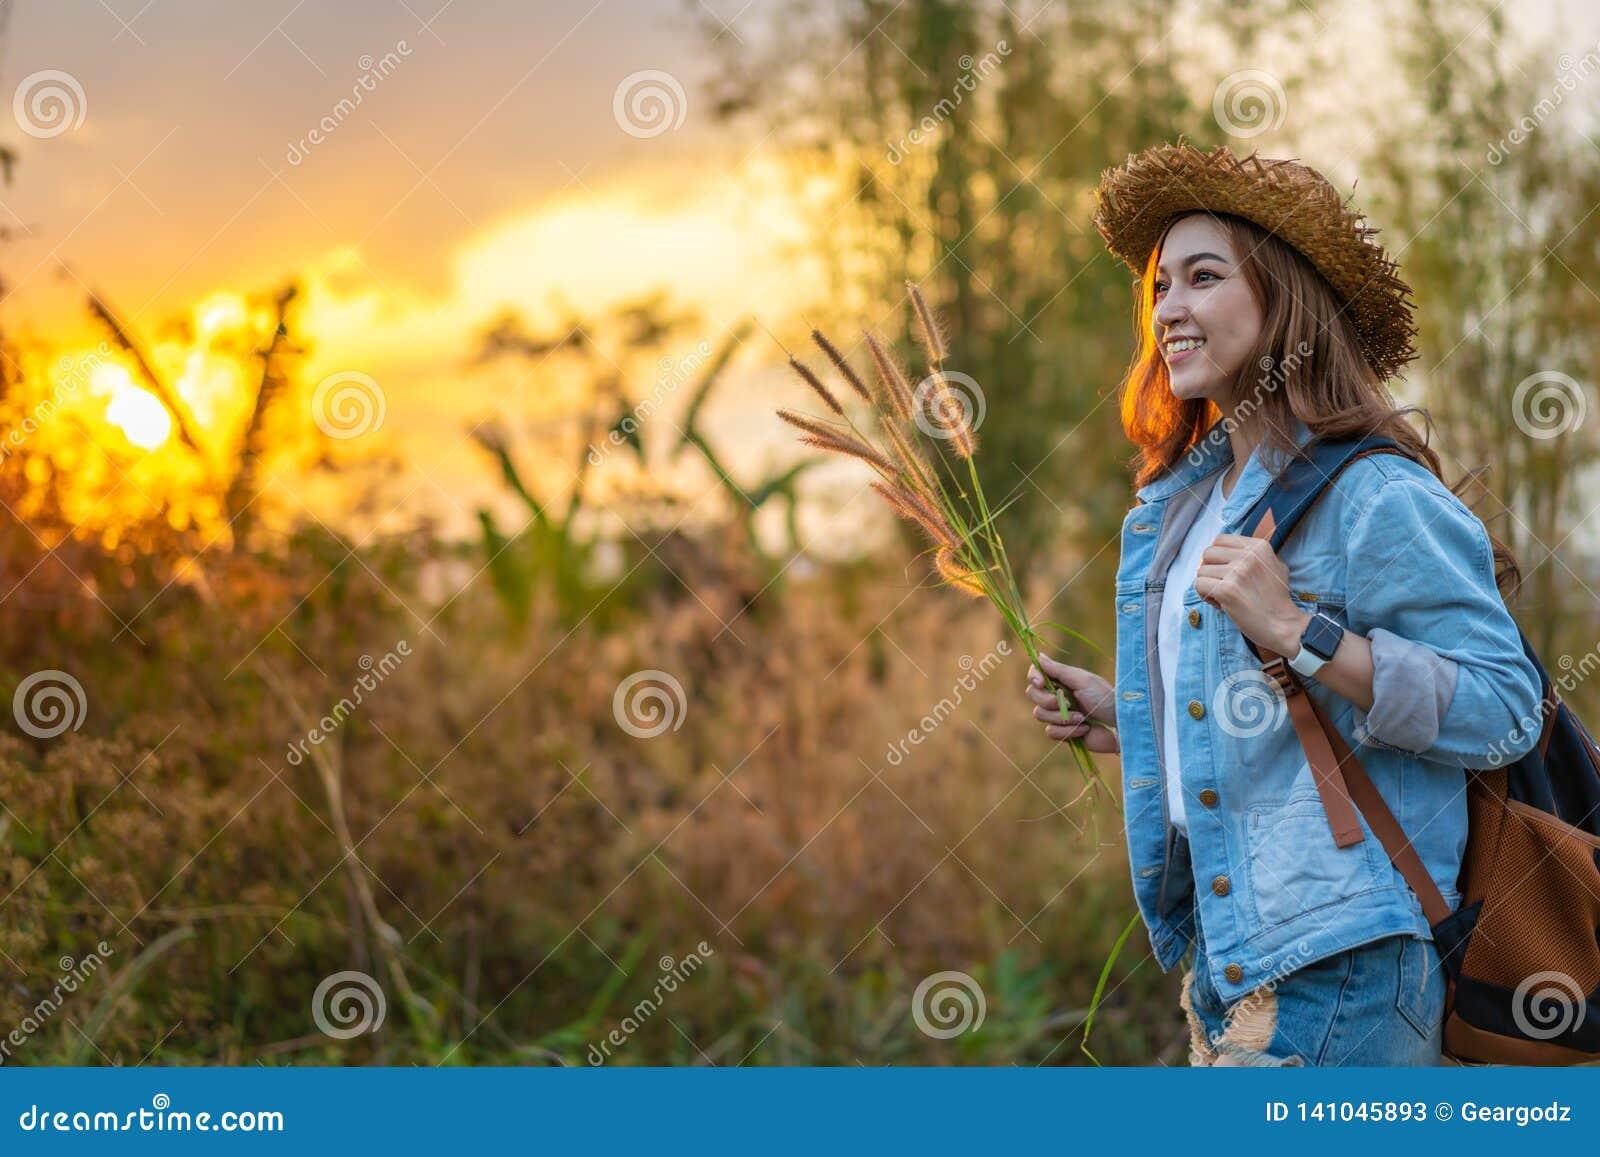 Turista femminile con lo zaino in campagna con il tramonto